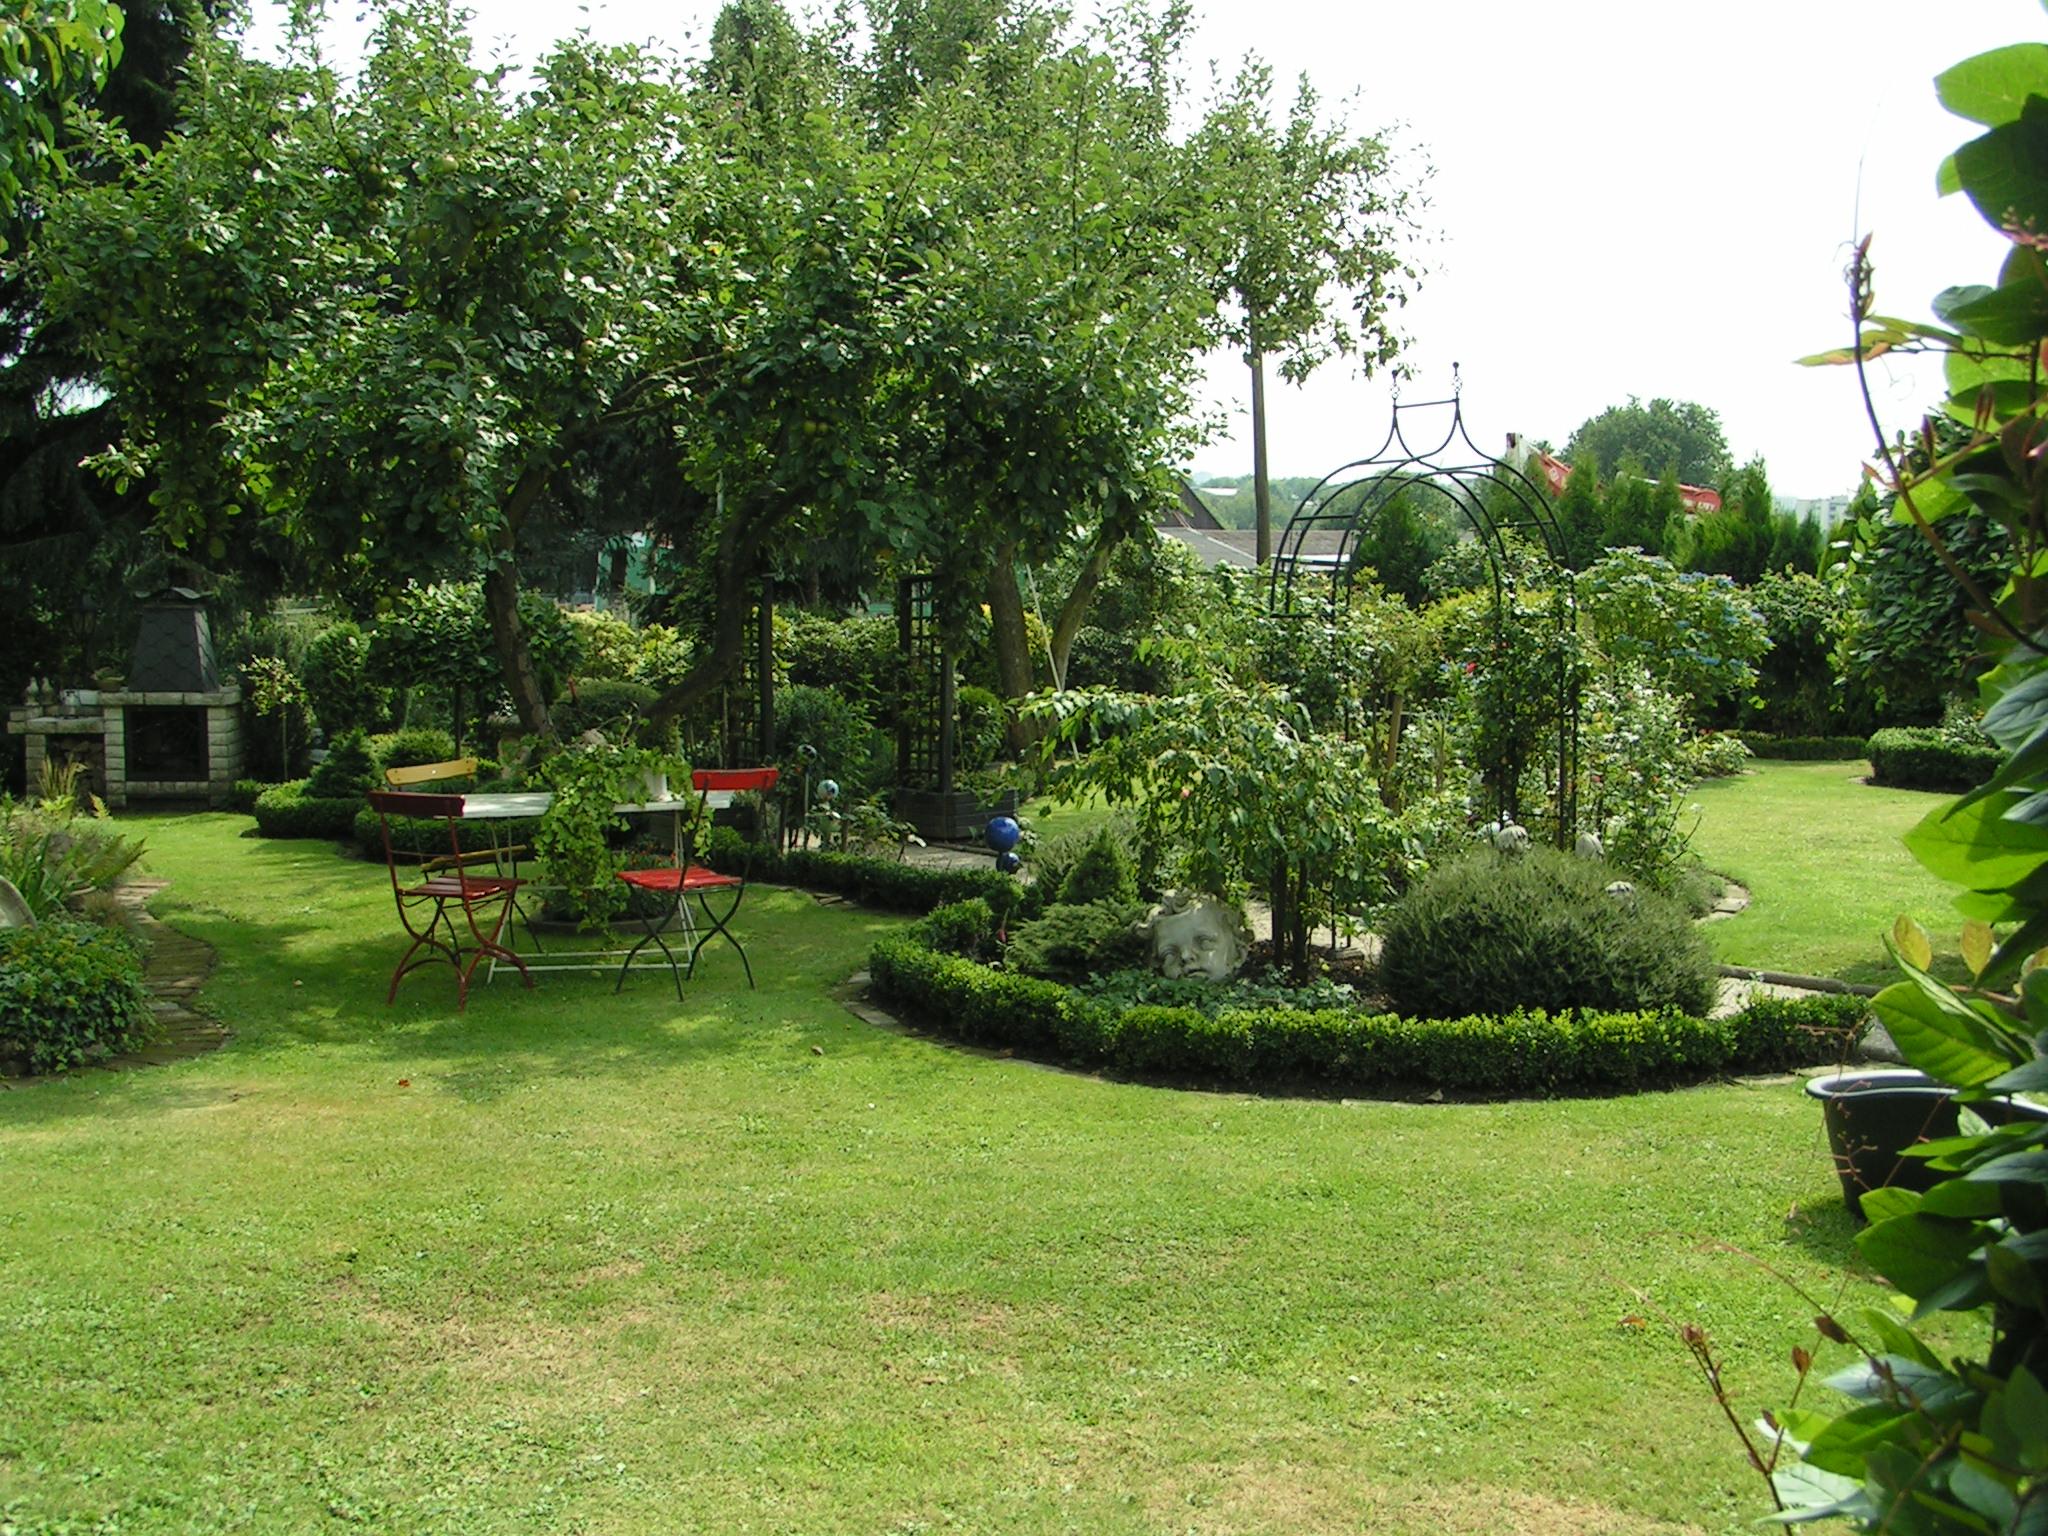 Garten niessalla nicht offen 2015